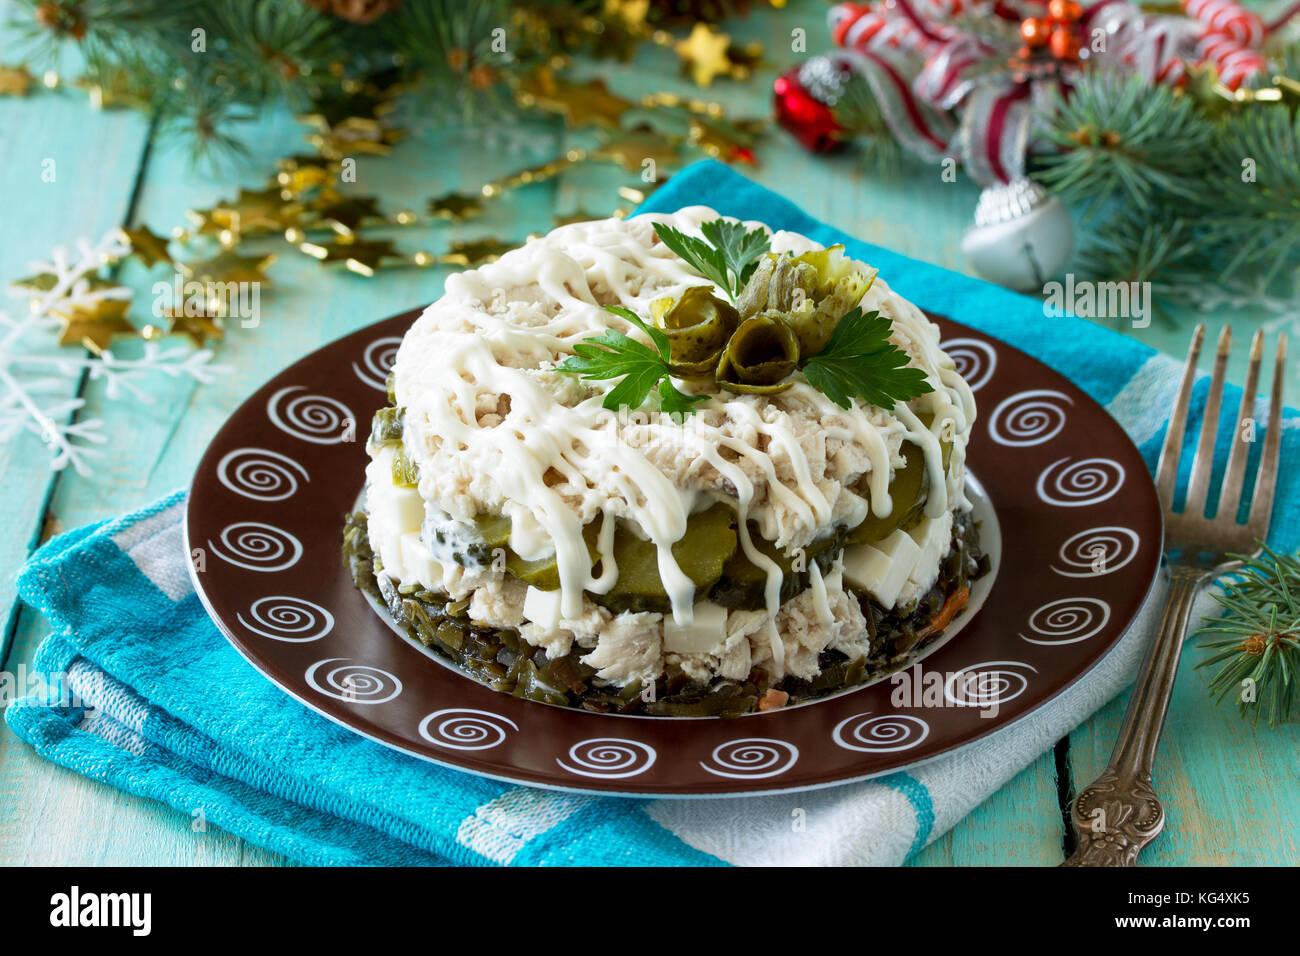 Home Snack auf der Küche Holztisch. Salat mit Hühnchen, Reis und Kohl. Stockbild